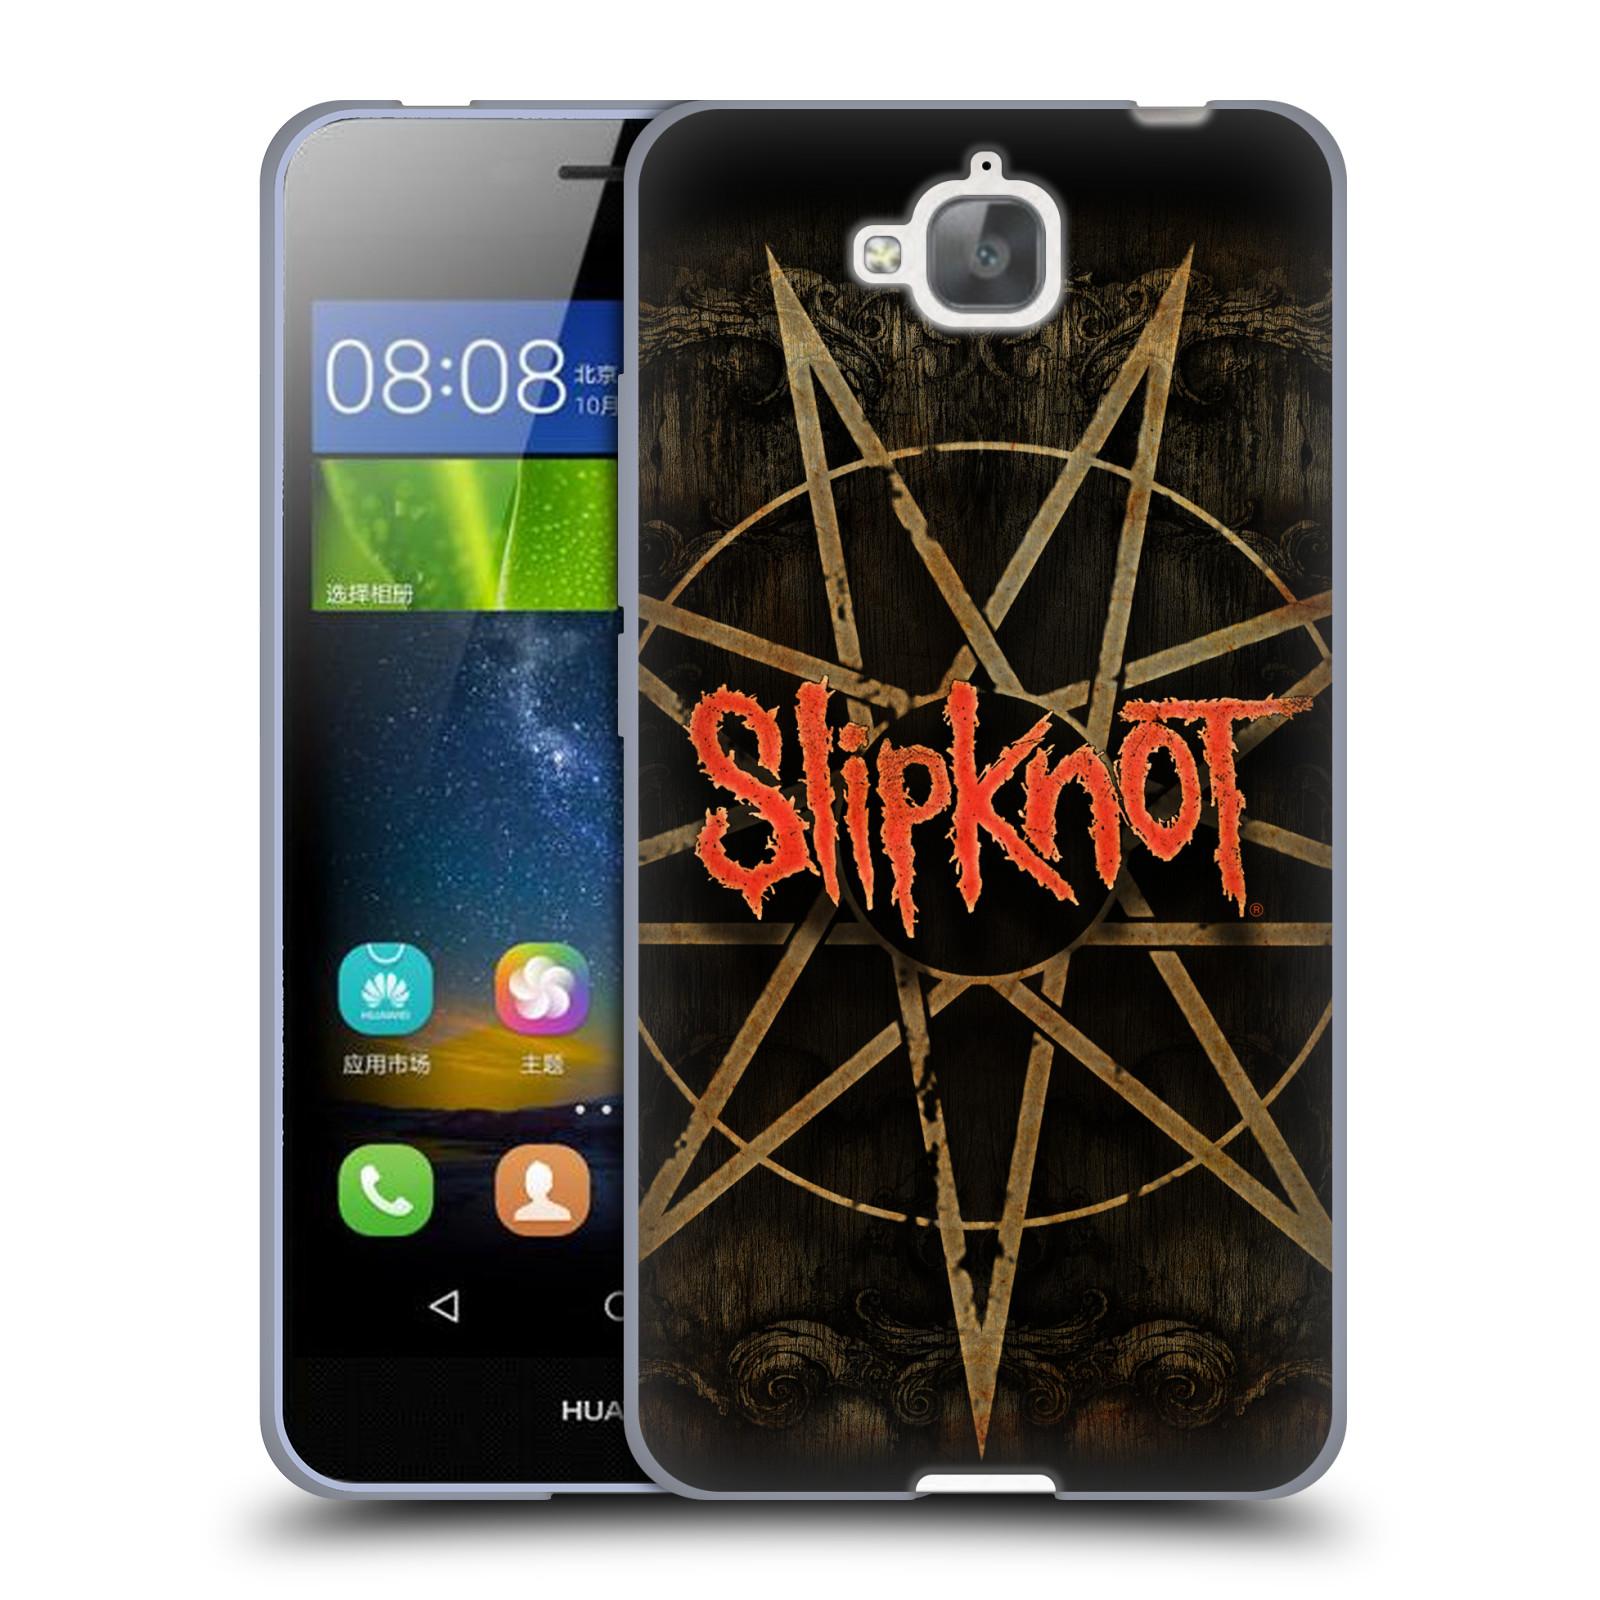 Silikonové pouzdro na mobil Huawei Y6 Pro Dual Sim HEAD CASE Slipknot - Znak